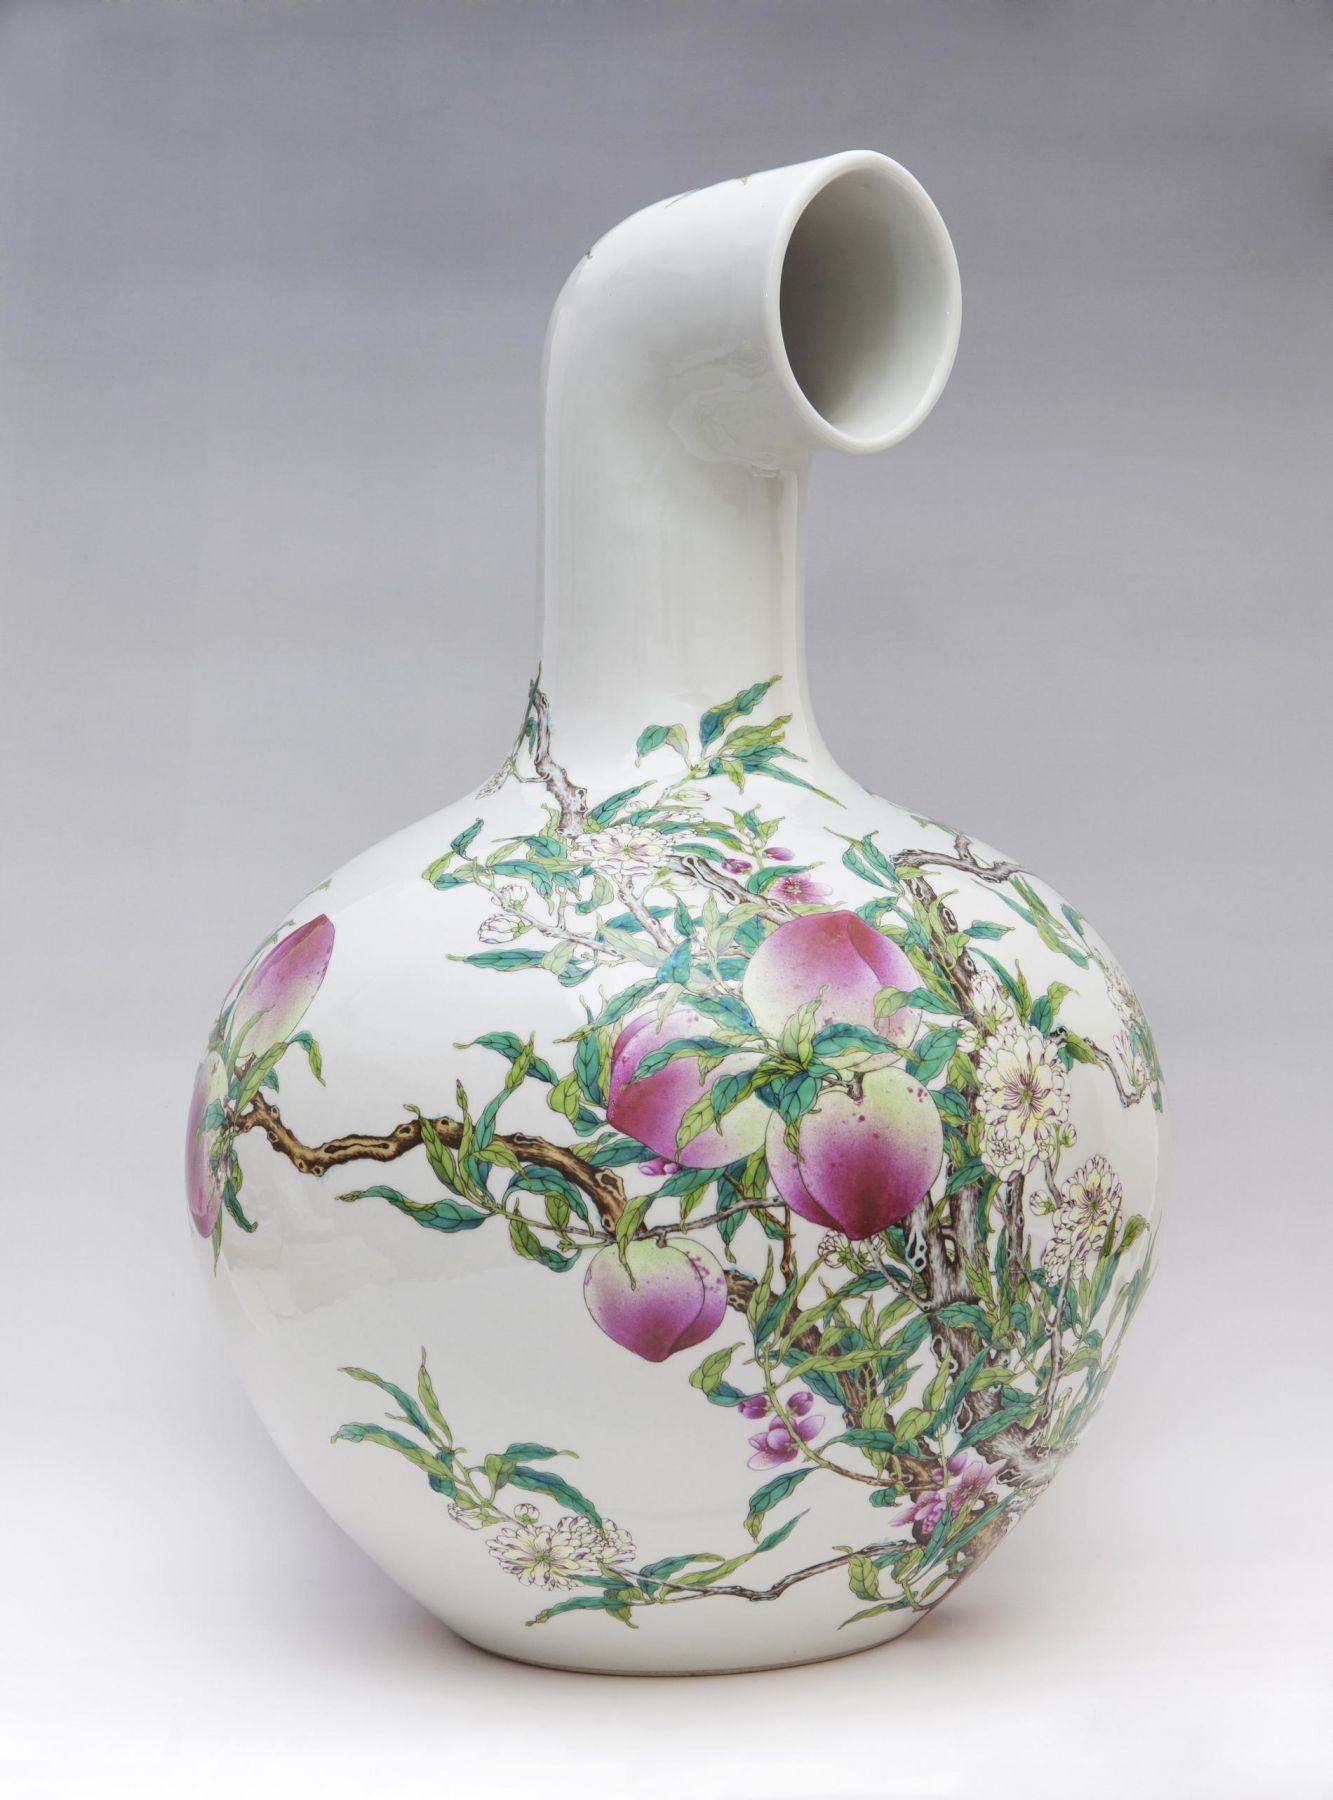 , Vault-of-Heaven Vase,2013,Porcelain,22 13/16 x 16 1/2 x 16 1/2 in.